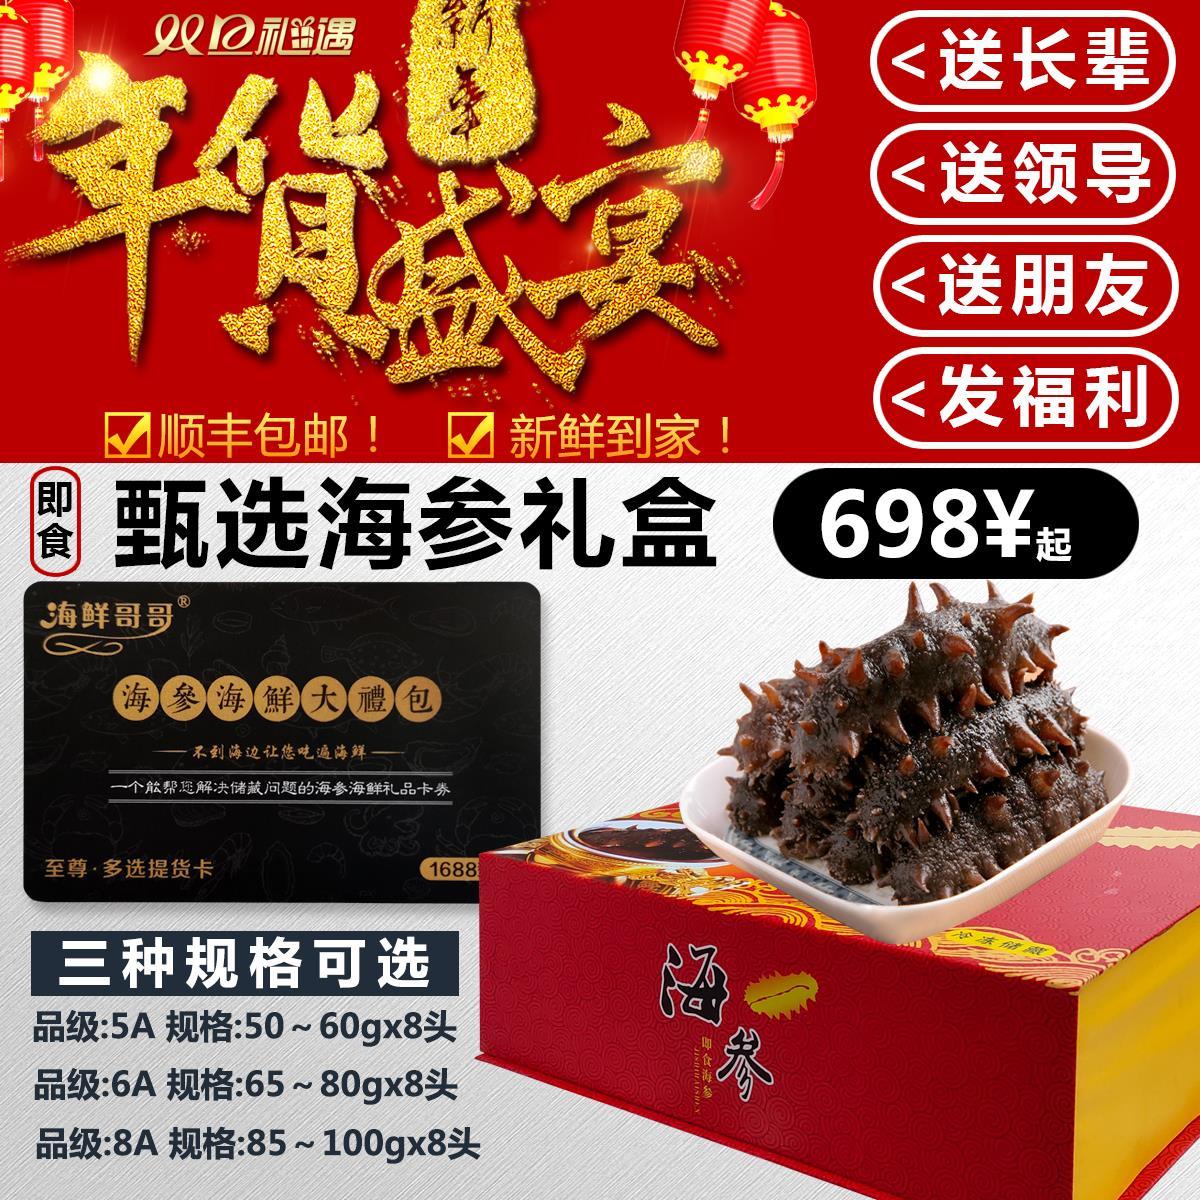 干货年货礼盒包装盒礼品新年土特产海鲜坚果熟食水果纸大礼包